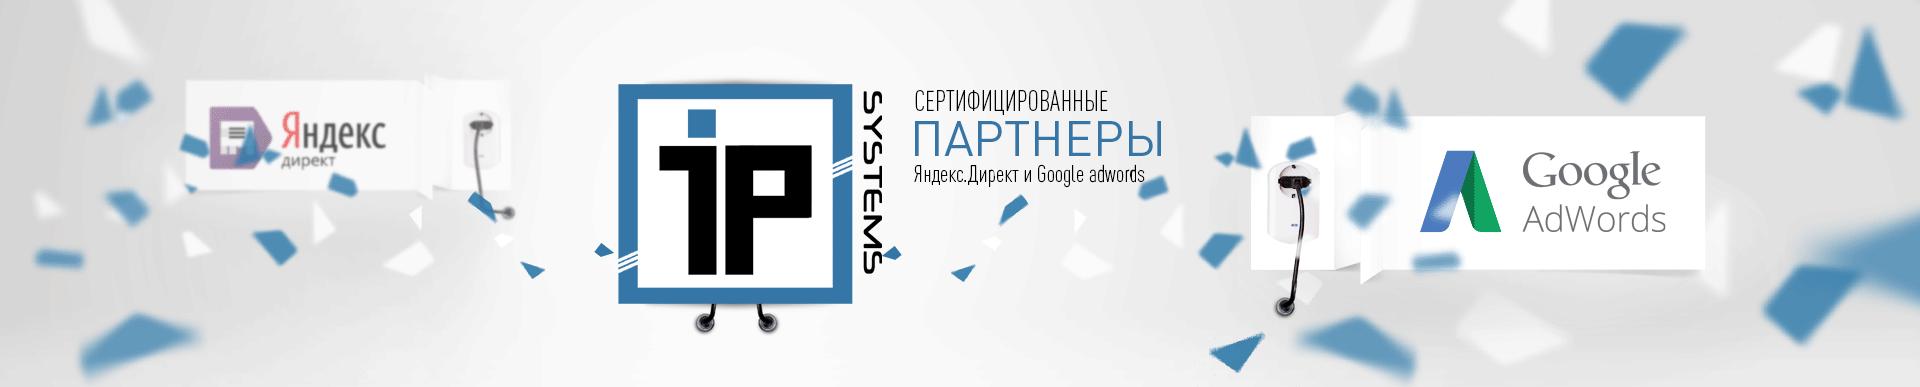 Создание сайта продвижение корпоративных страниц внимательное отношение базы xrumer форумы